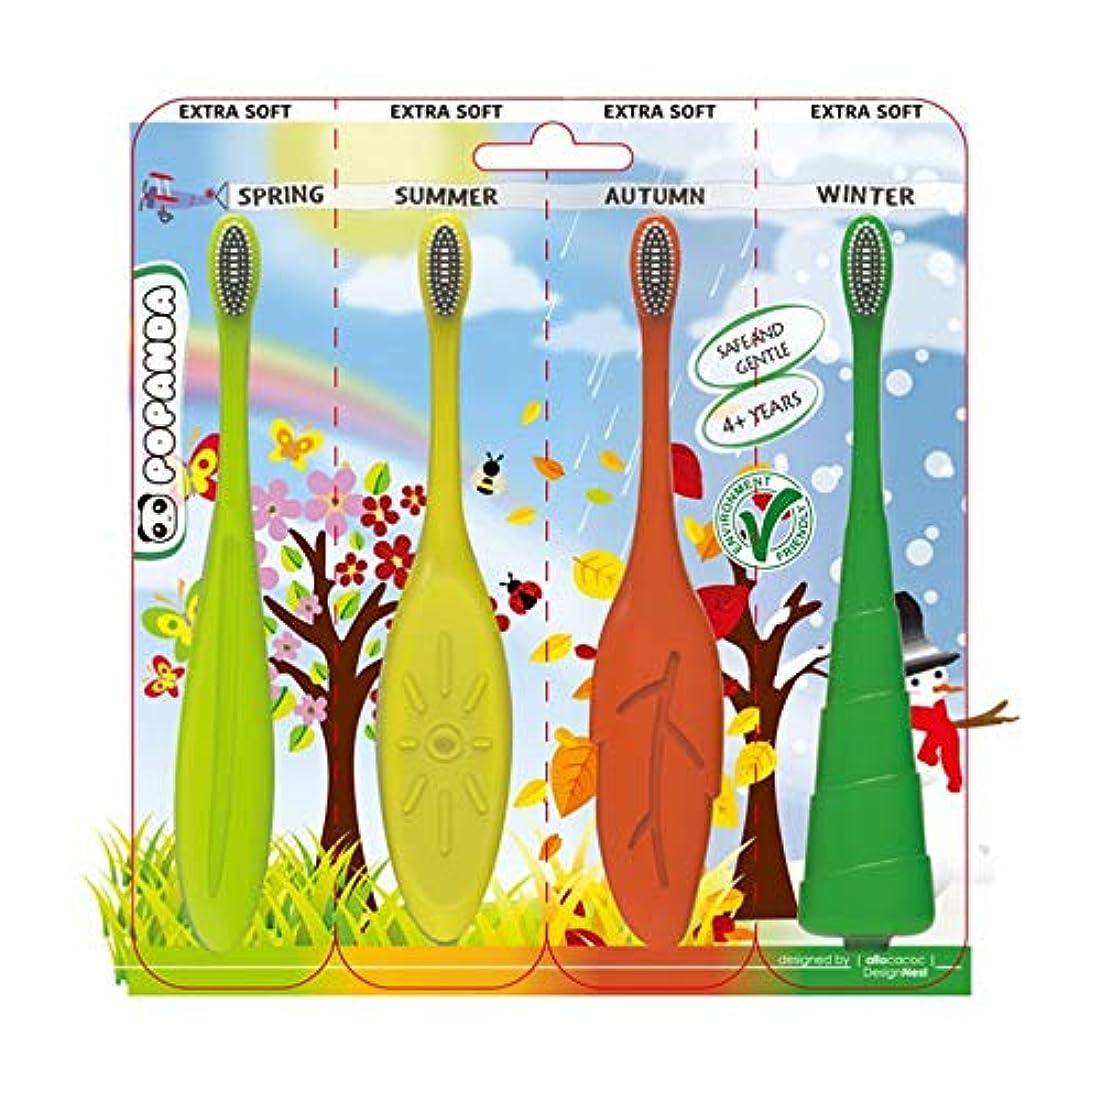 失敗排泄するずるい(4個) Baby 幼児 四季 シリコン歯ブラシ Set Baby Kid's Gift Seasonal Silicone Toothbrush 並行輸入